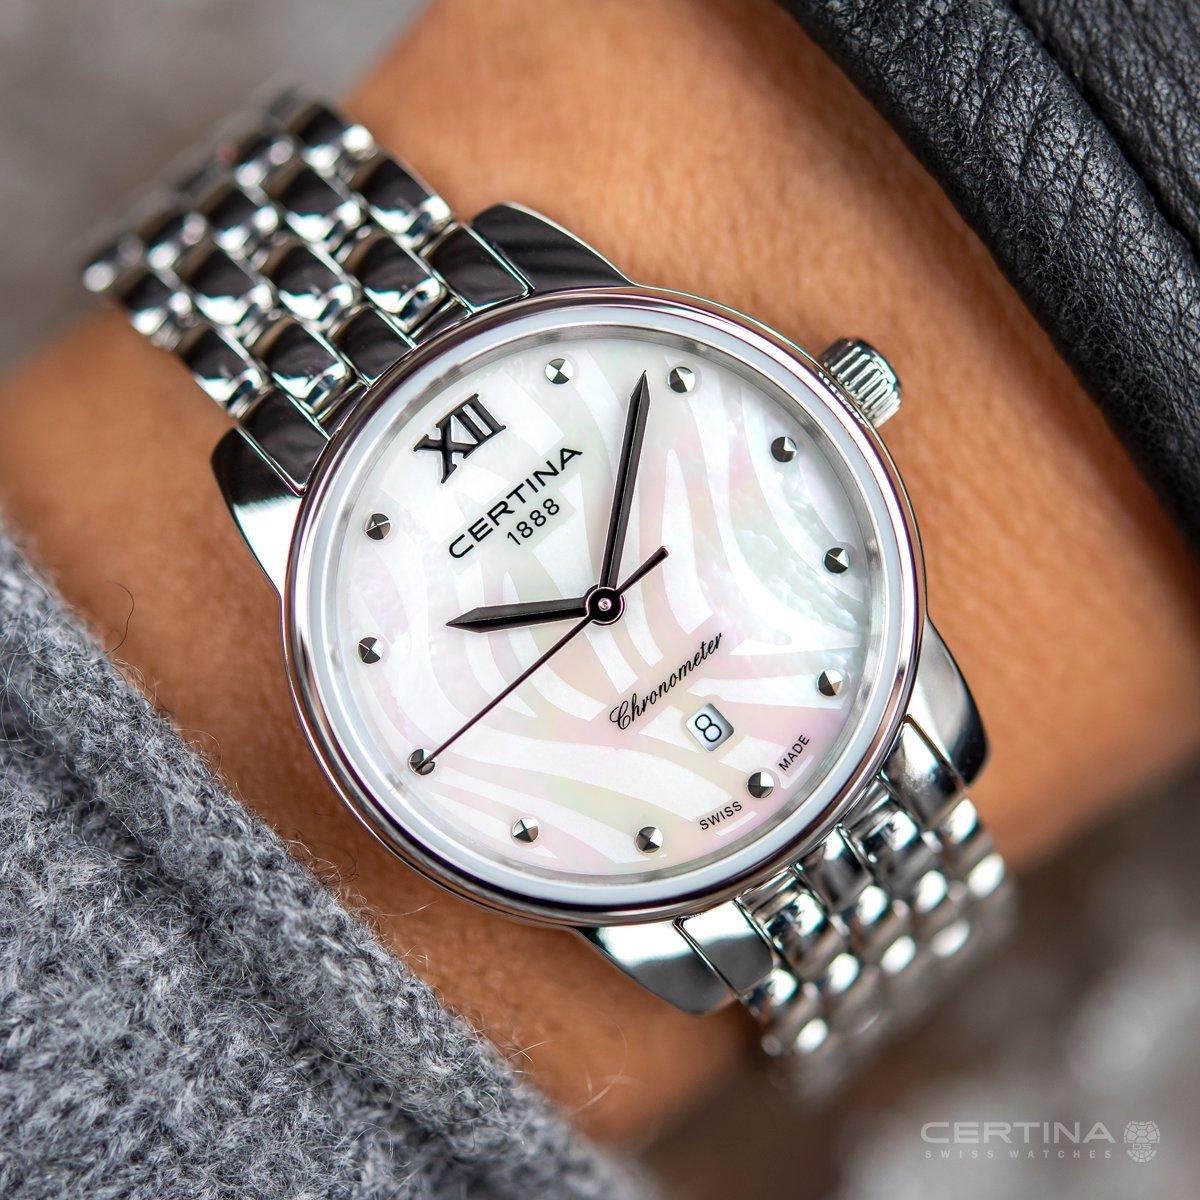 Luksusowy zegarek Certina C033.051.11.118.00 DS-8 z mieniąca się tarczą z masy perłowej i stalowej srebrnej bransolety oraz koperty.